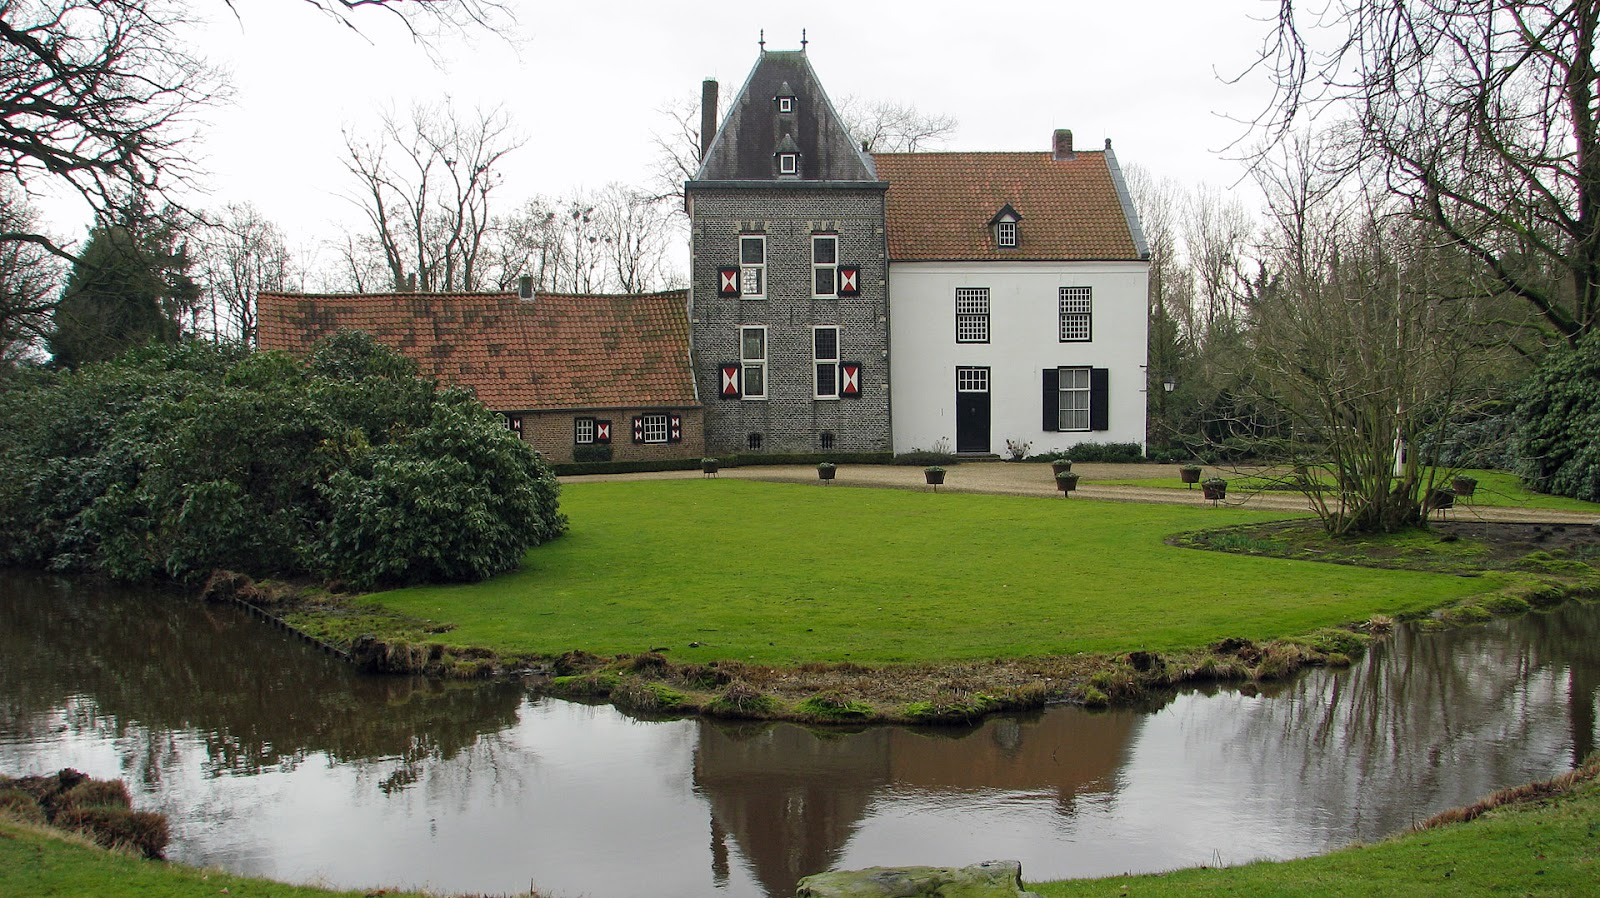 Kasteel groot en klein deurne noord brabant tweeling donjons dutch castles nederlandse - Huis verlenging oud huis ...